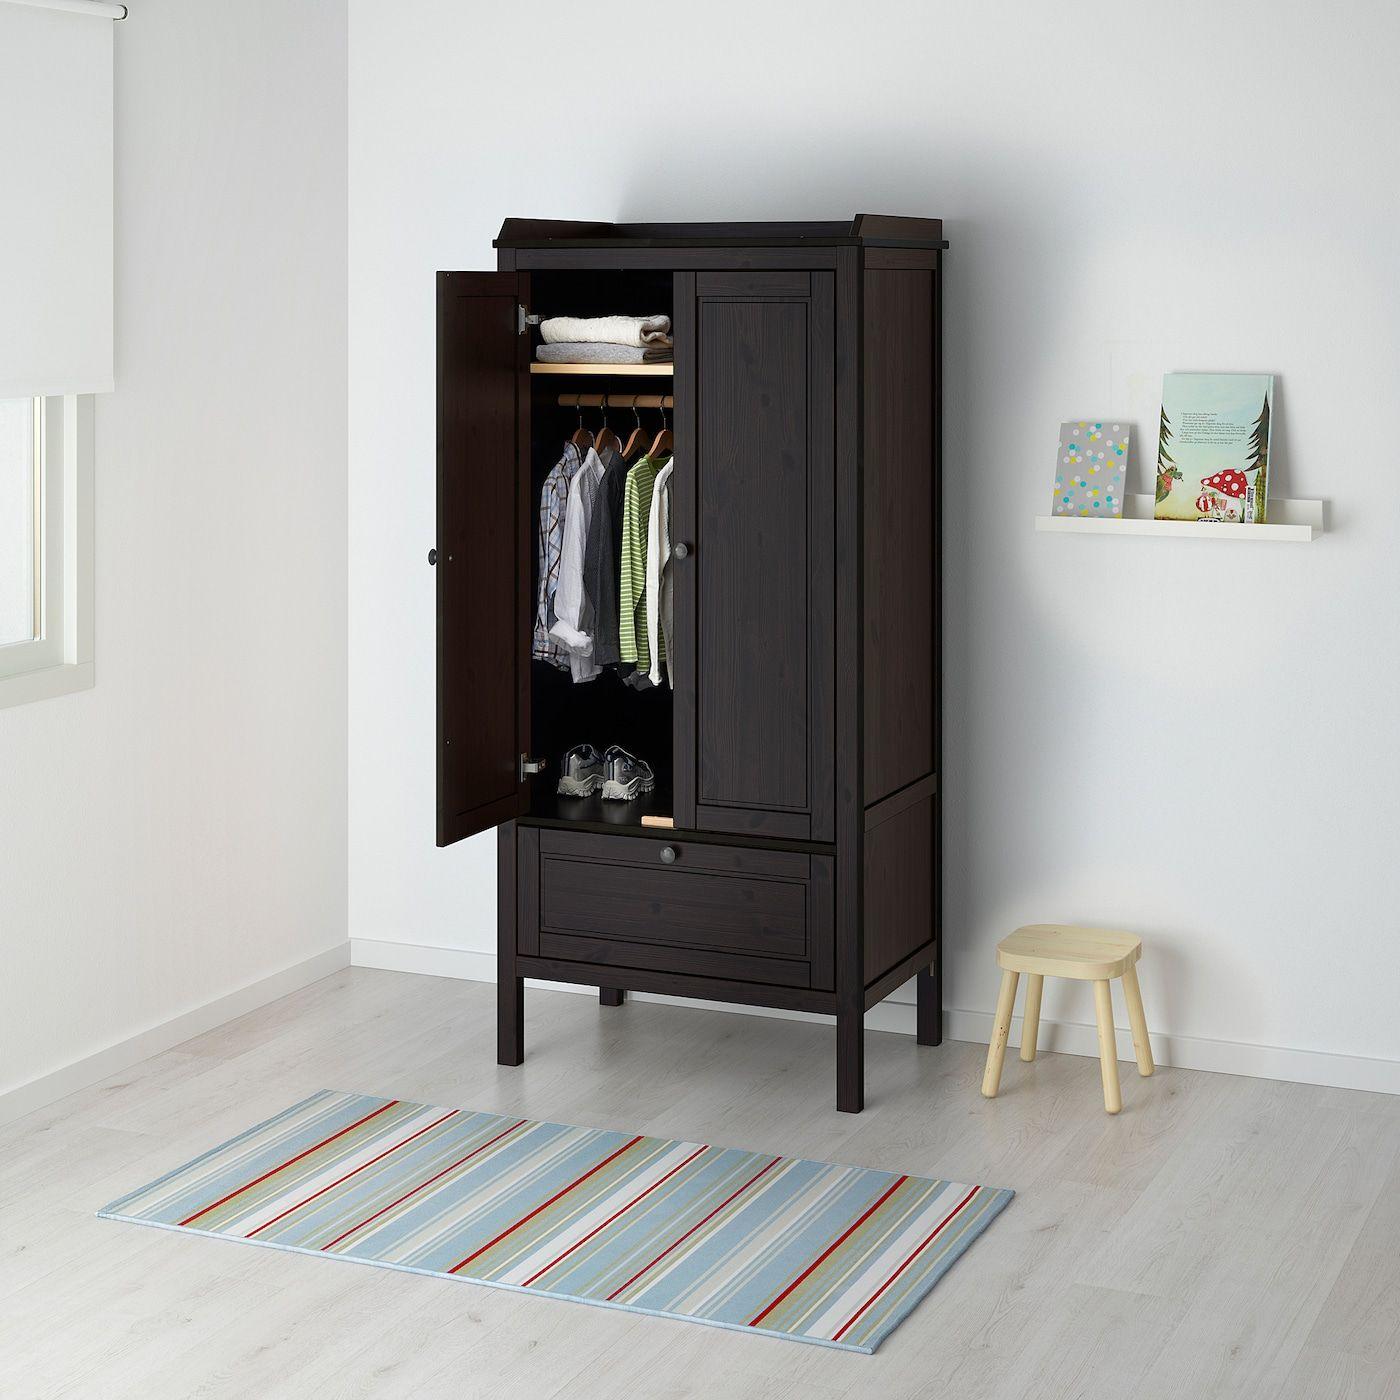 Sundvik Wardrobe Black Brown 31 1 2x19 5 8x67 3 8 In 2020